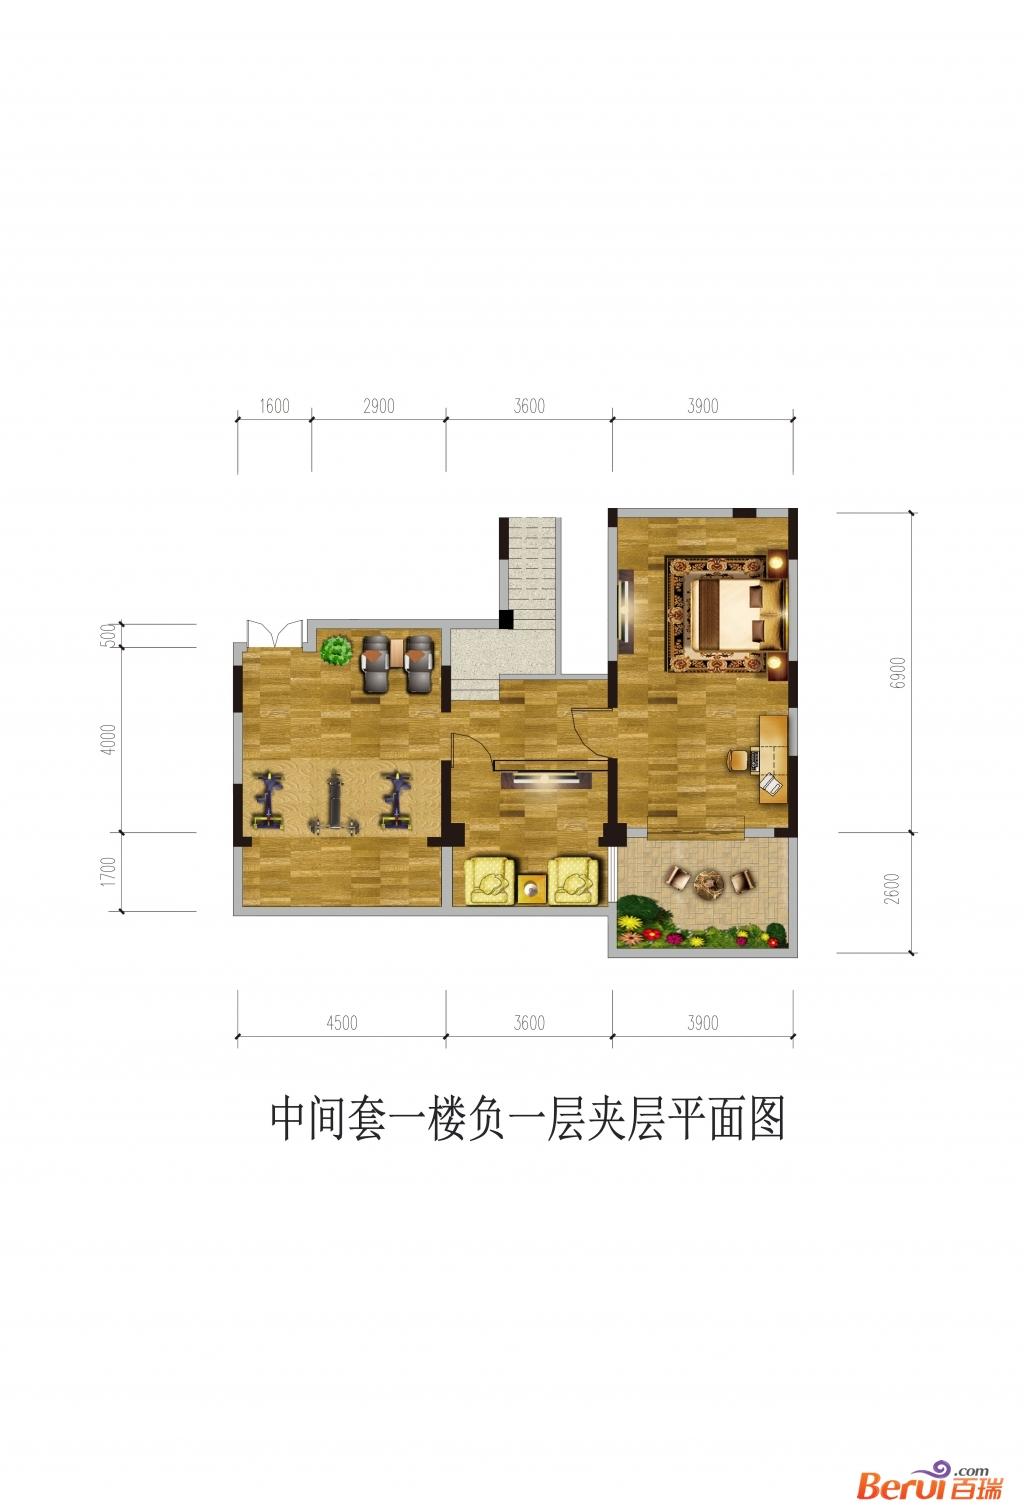 悦湖山院1楼负1夹层(洋房)